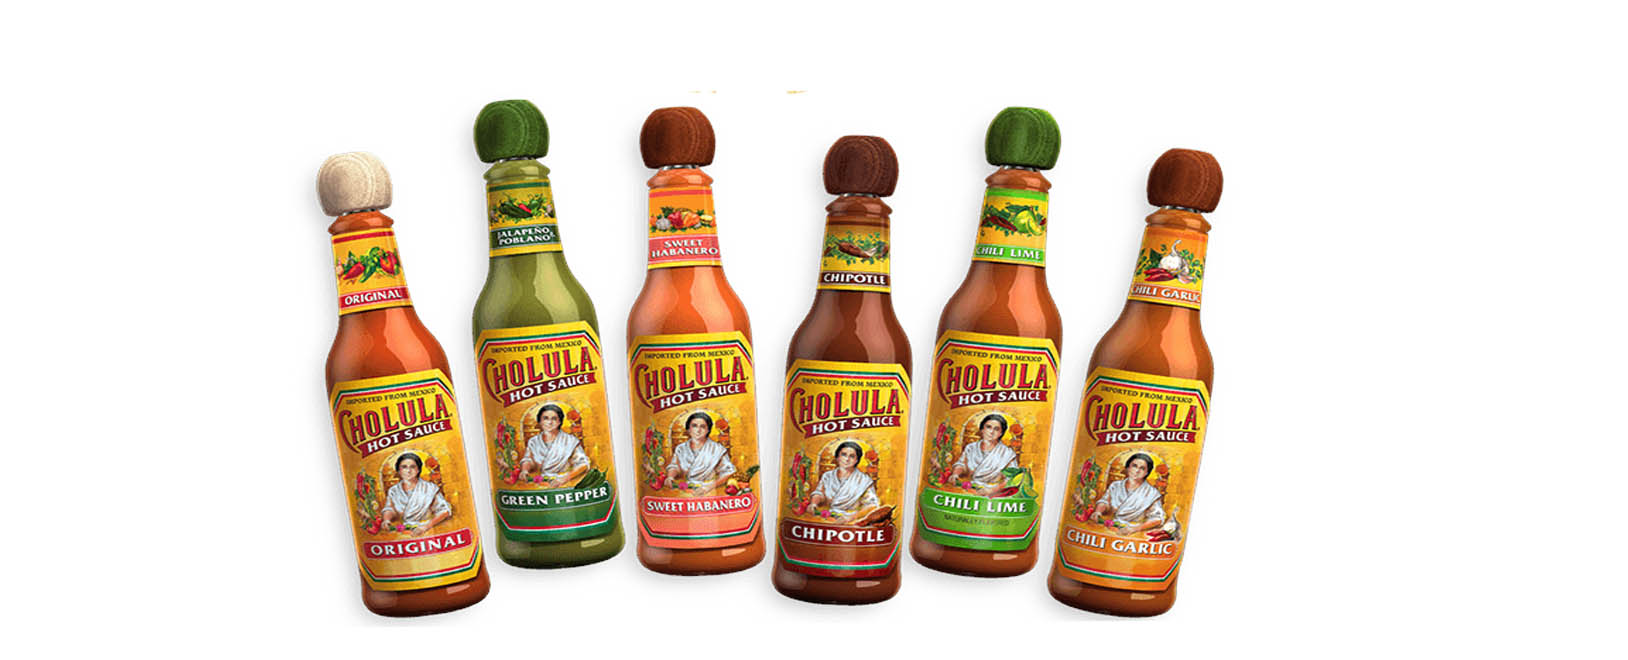 Les sauces cholula